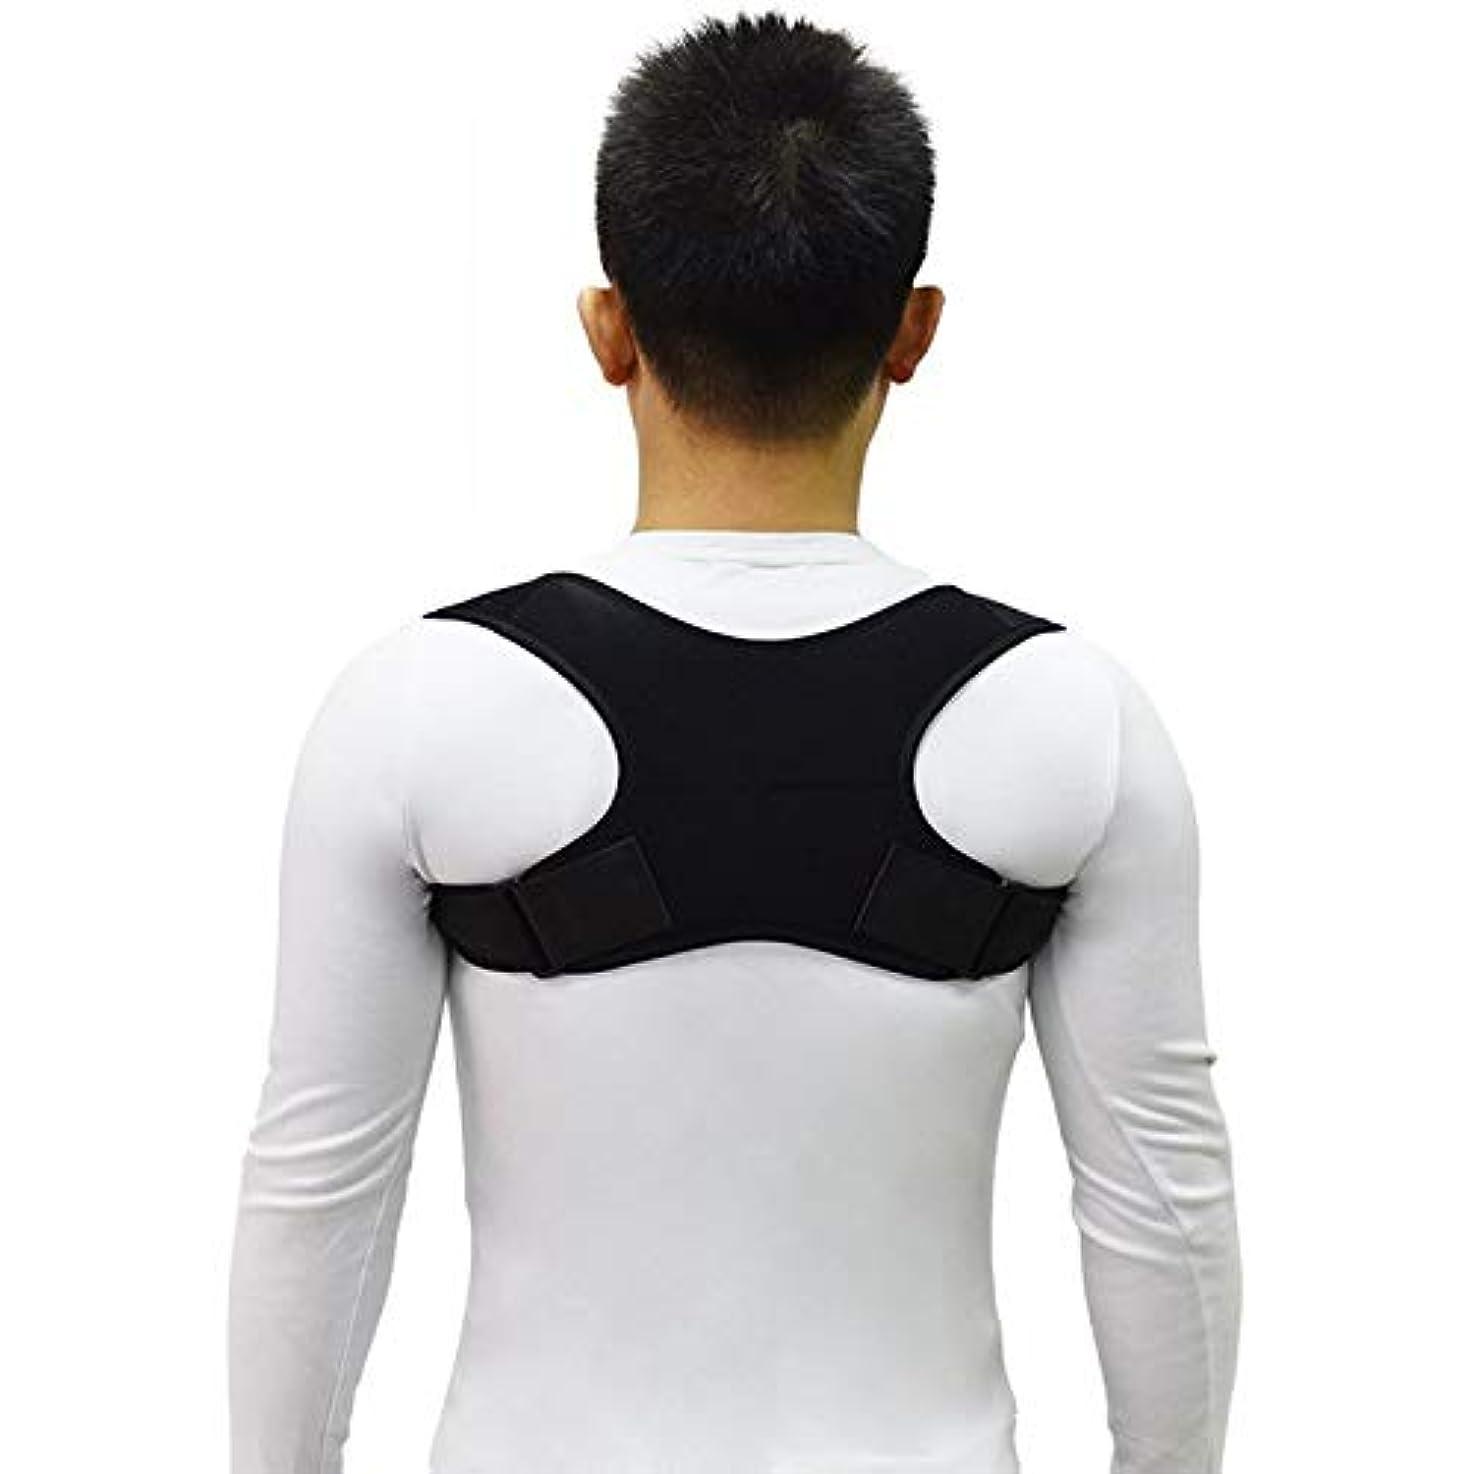 トムオードリースレッスンアジア新しいアッパーバックポスチャーコレクター姿勢鎖骨サポートコレクターバックストレートショルダーブレースストラップコレクター - ブラック